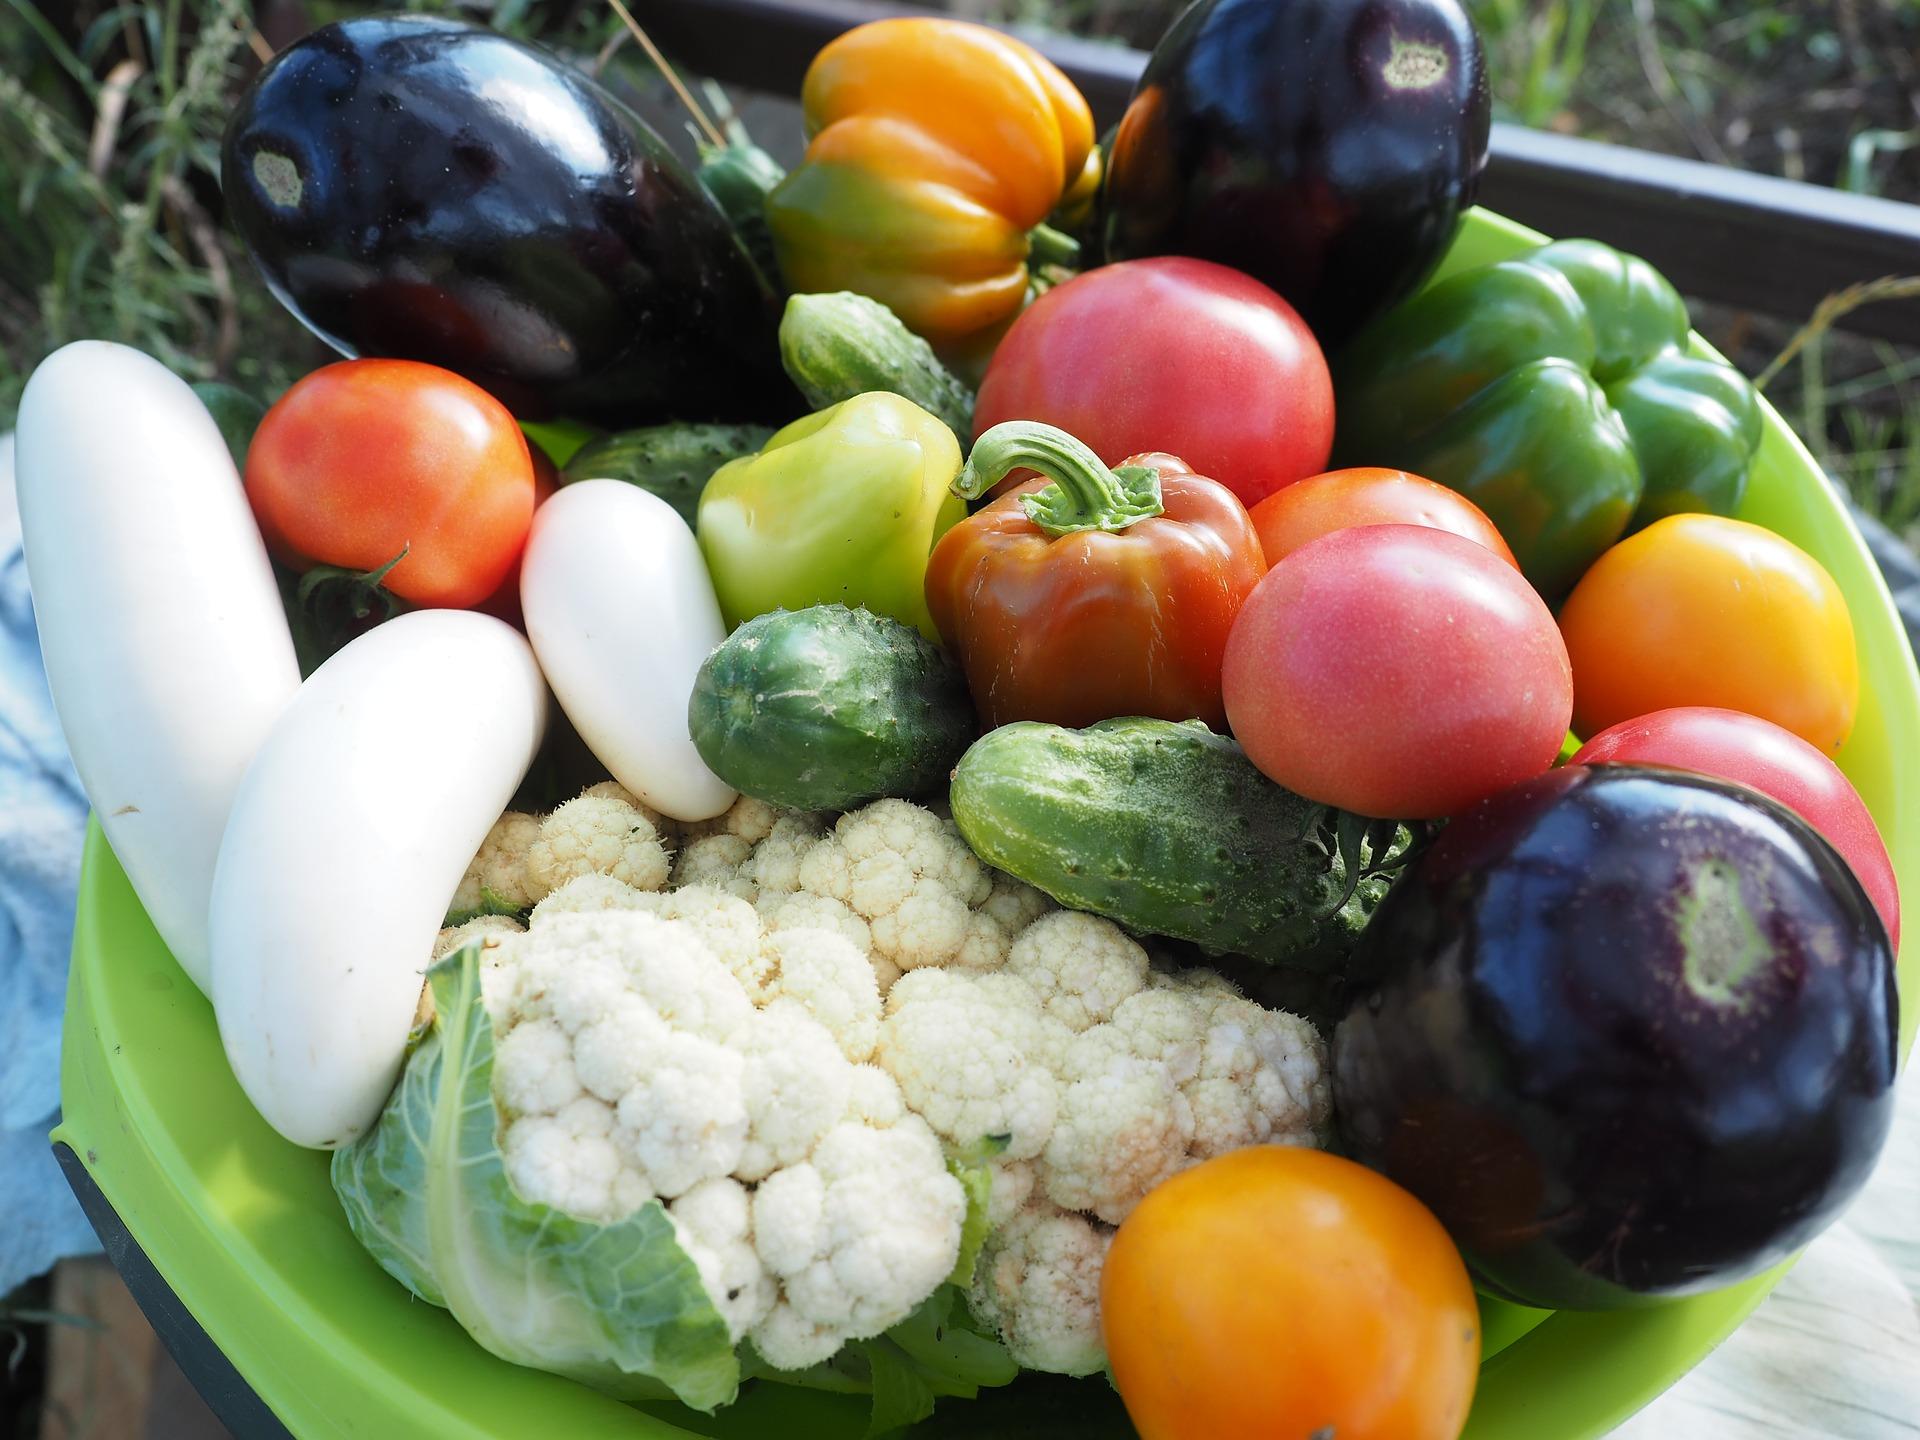 Imagen destacada del post 7 consejos para conservar las frutas y verduras en verano